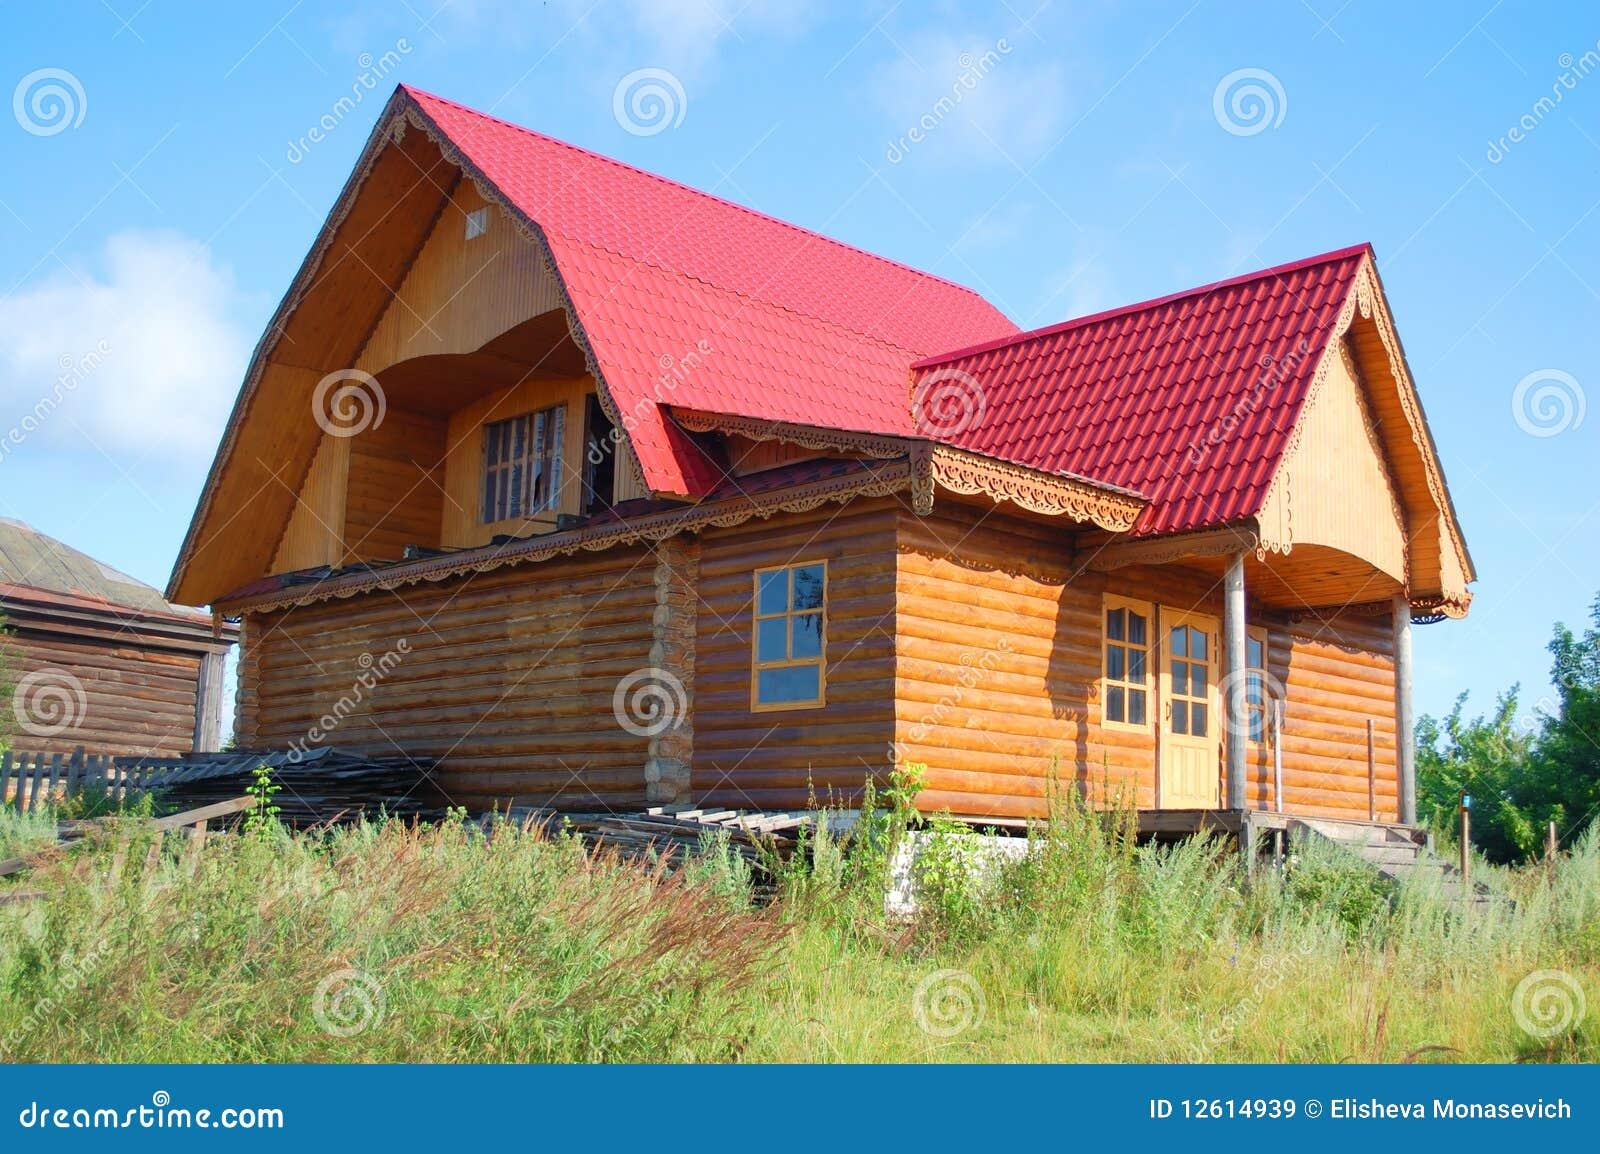 maison rurale russe traditionnelle images libres de droits image 12614939. Black Bedroom Furniture Sets. Home Design Ideas